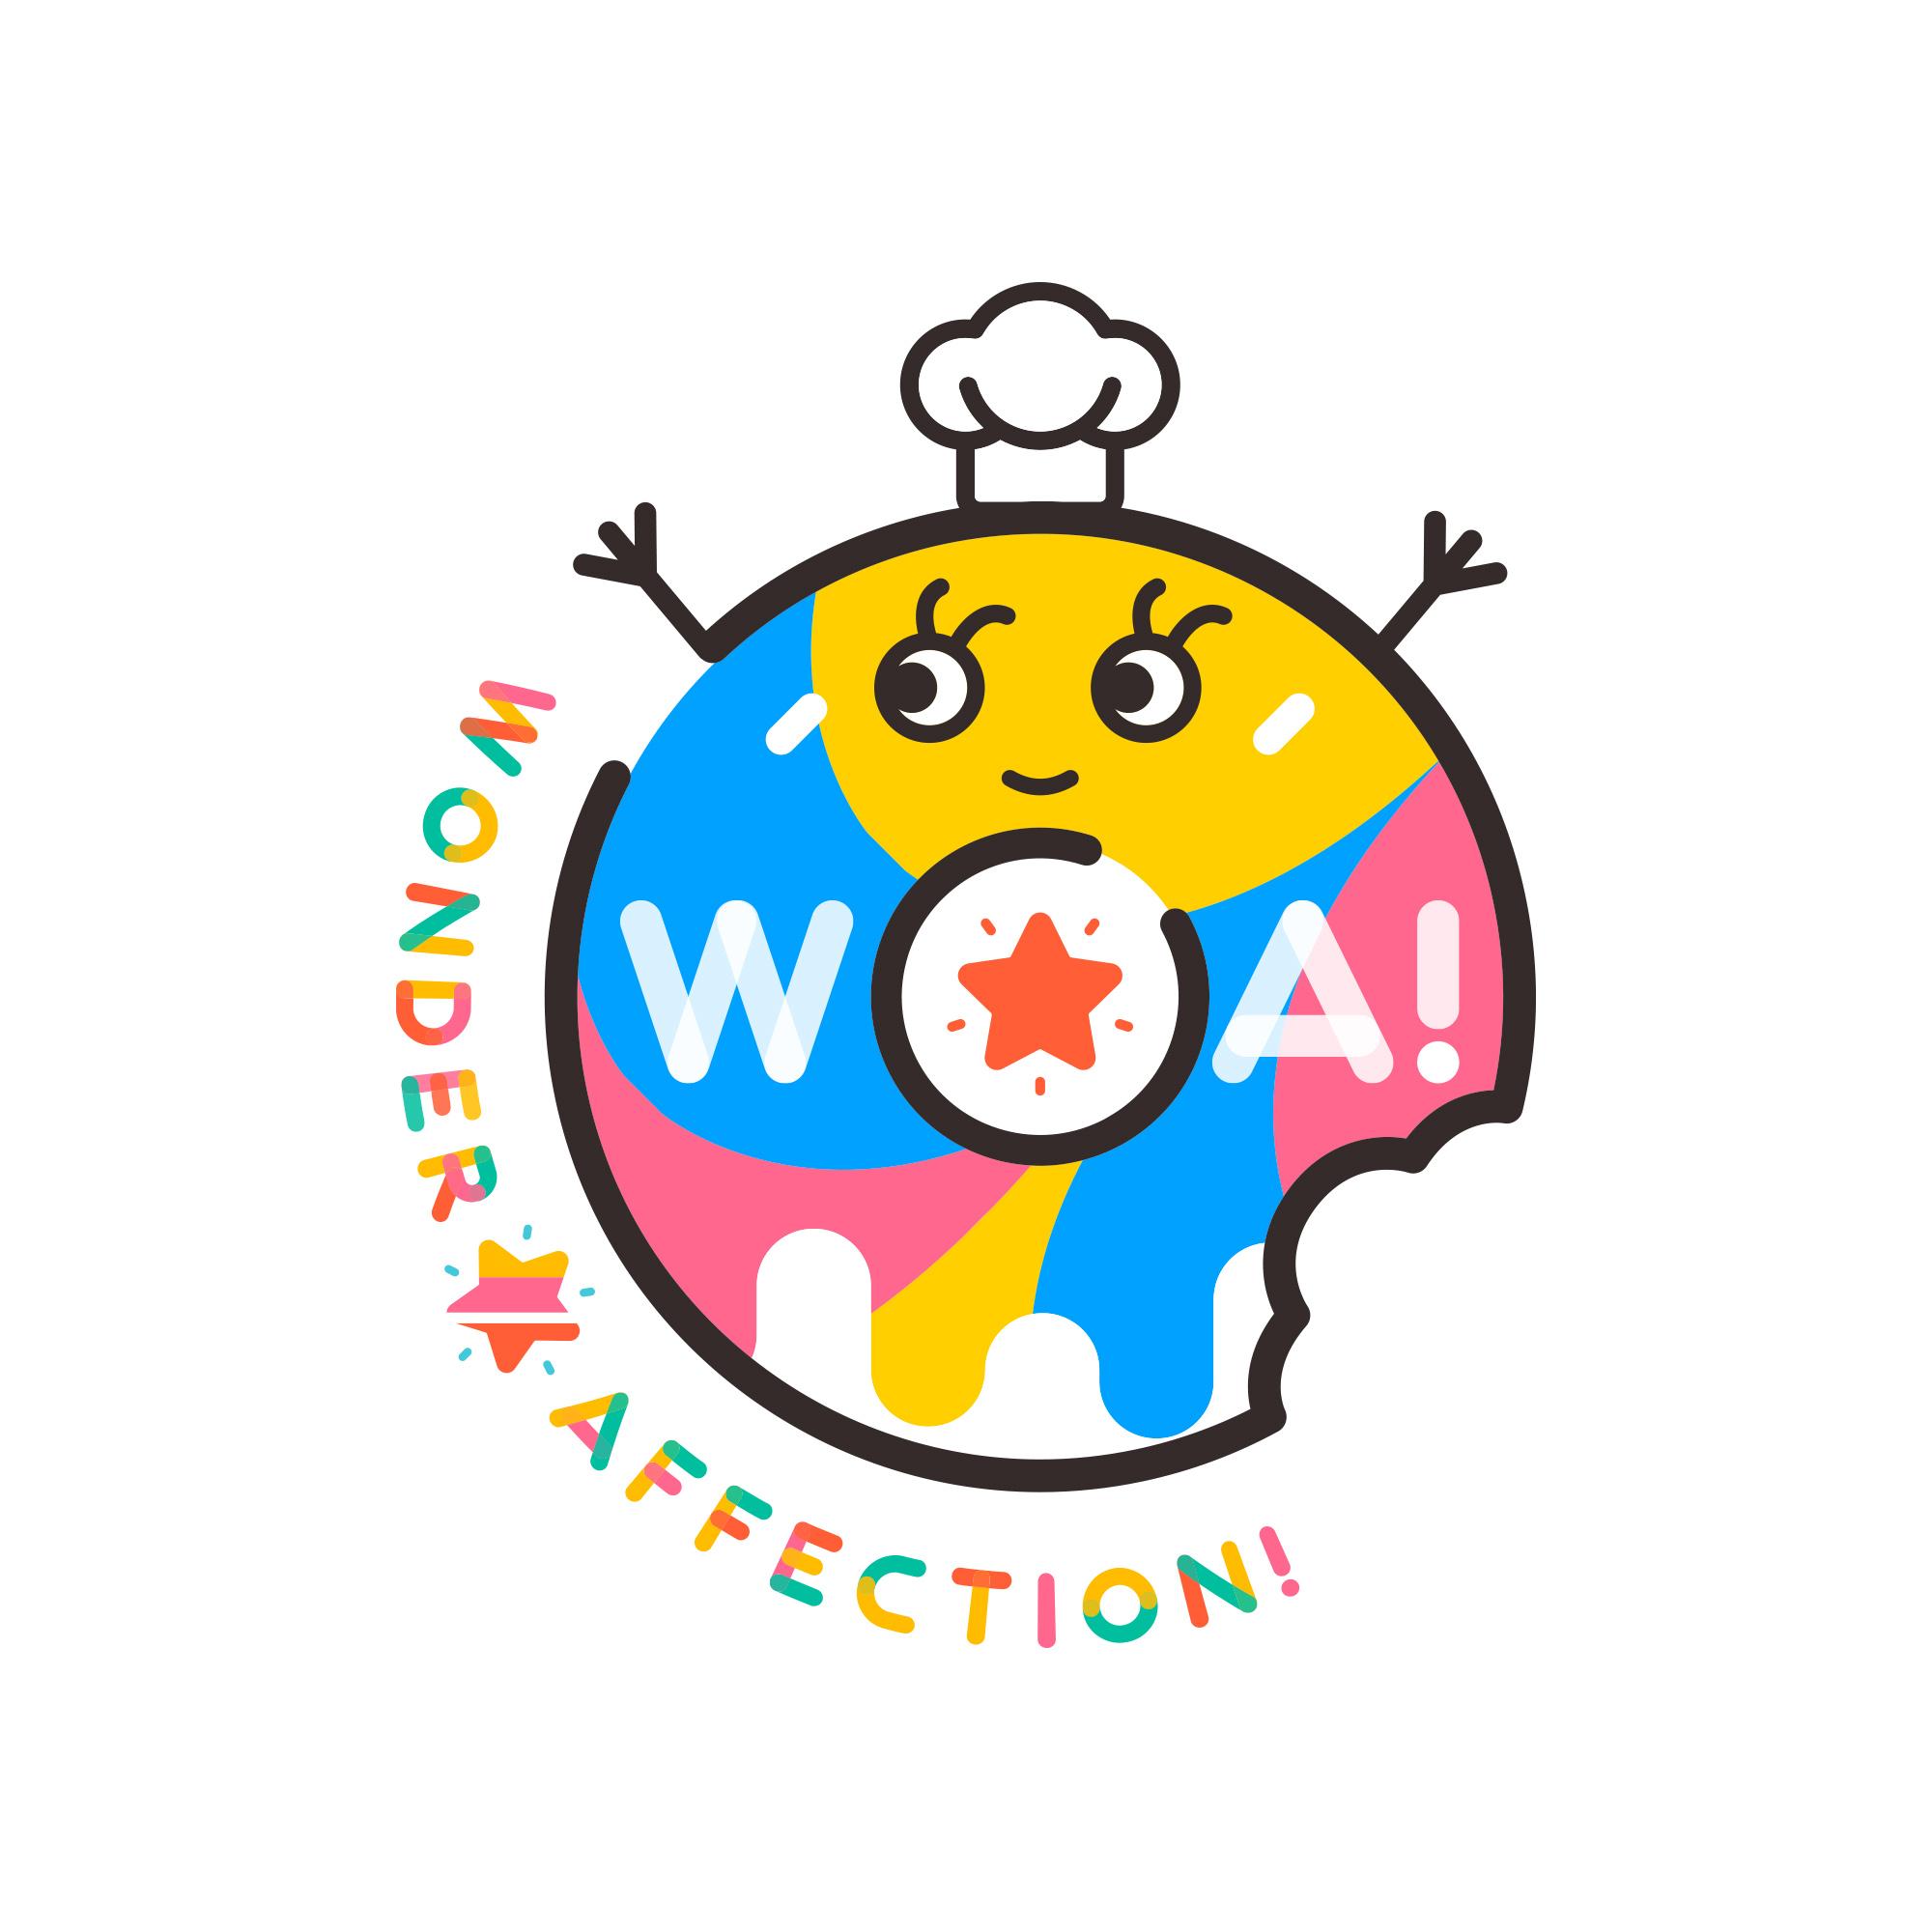 WONDER☆AFFECTION!